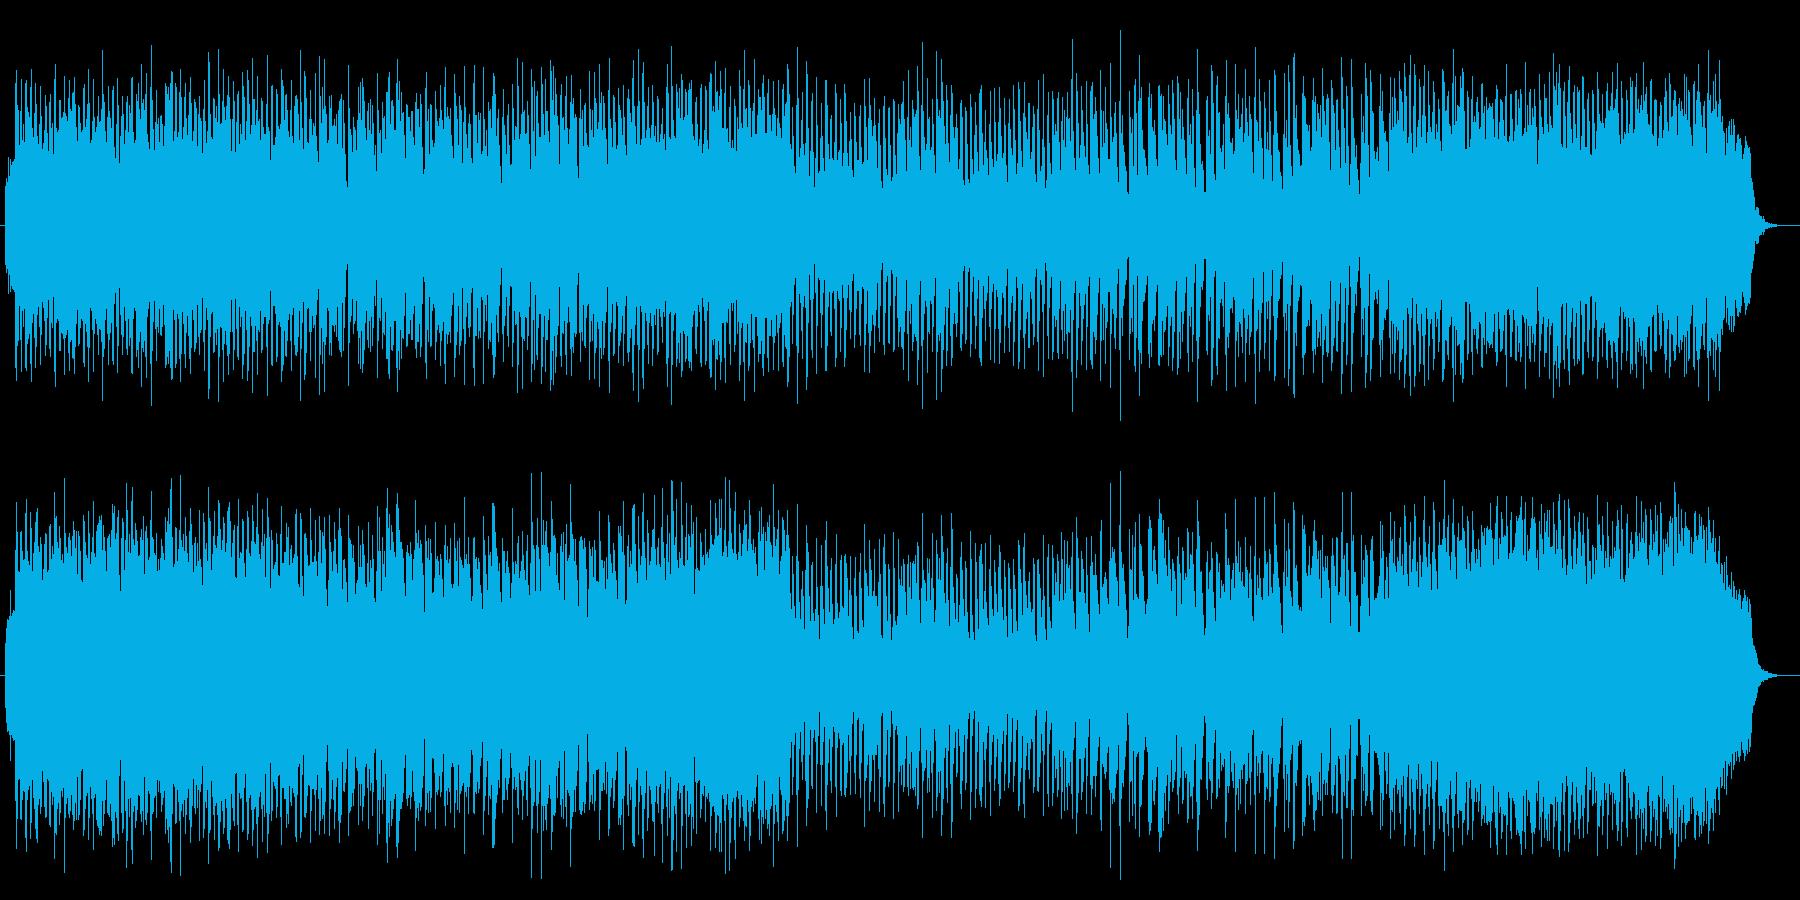 リズムに緊張感のあるオーケストラ曲の再生済みの波形